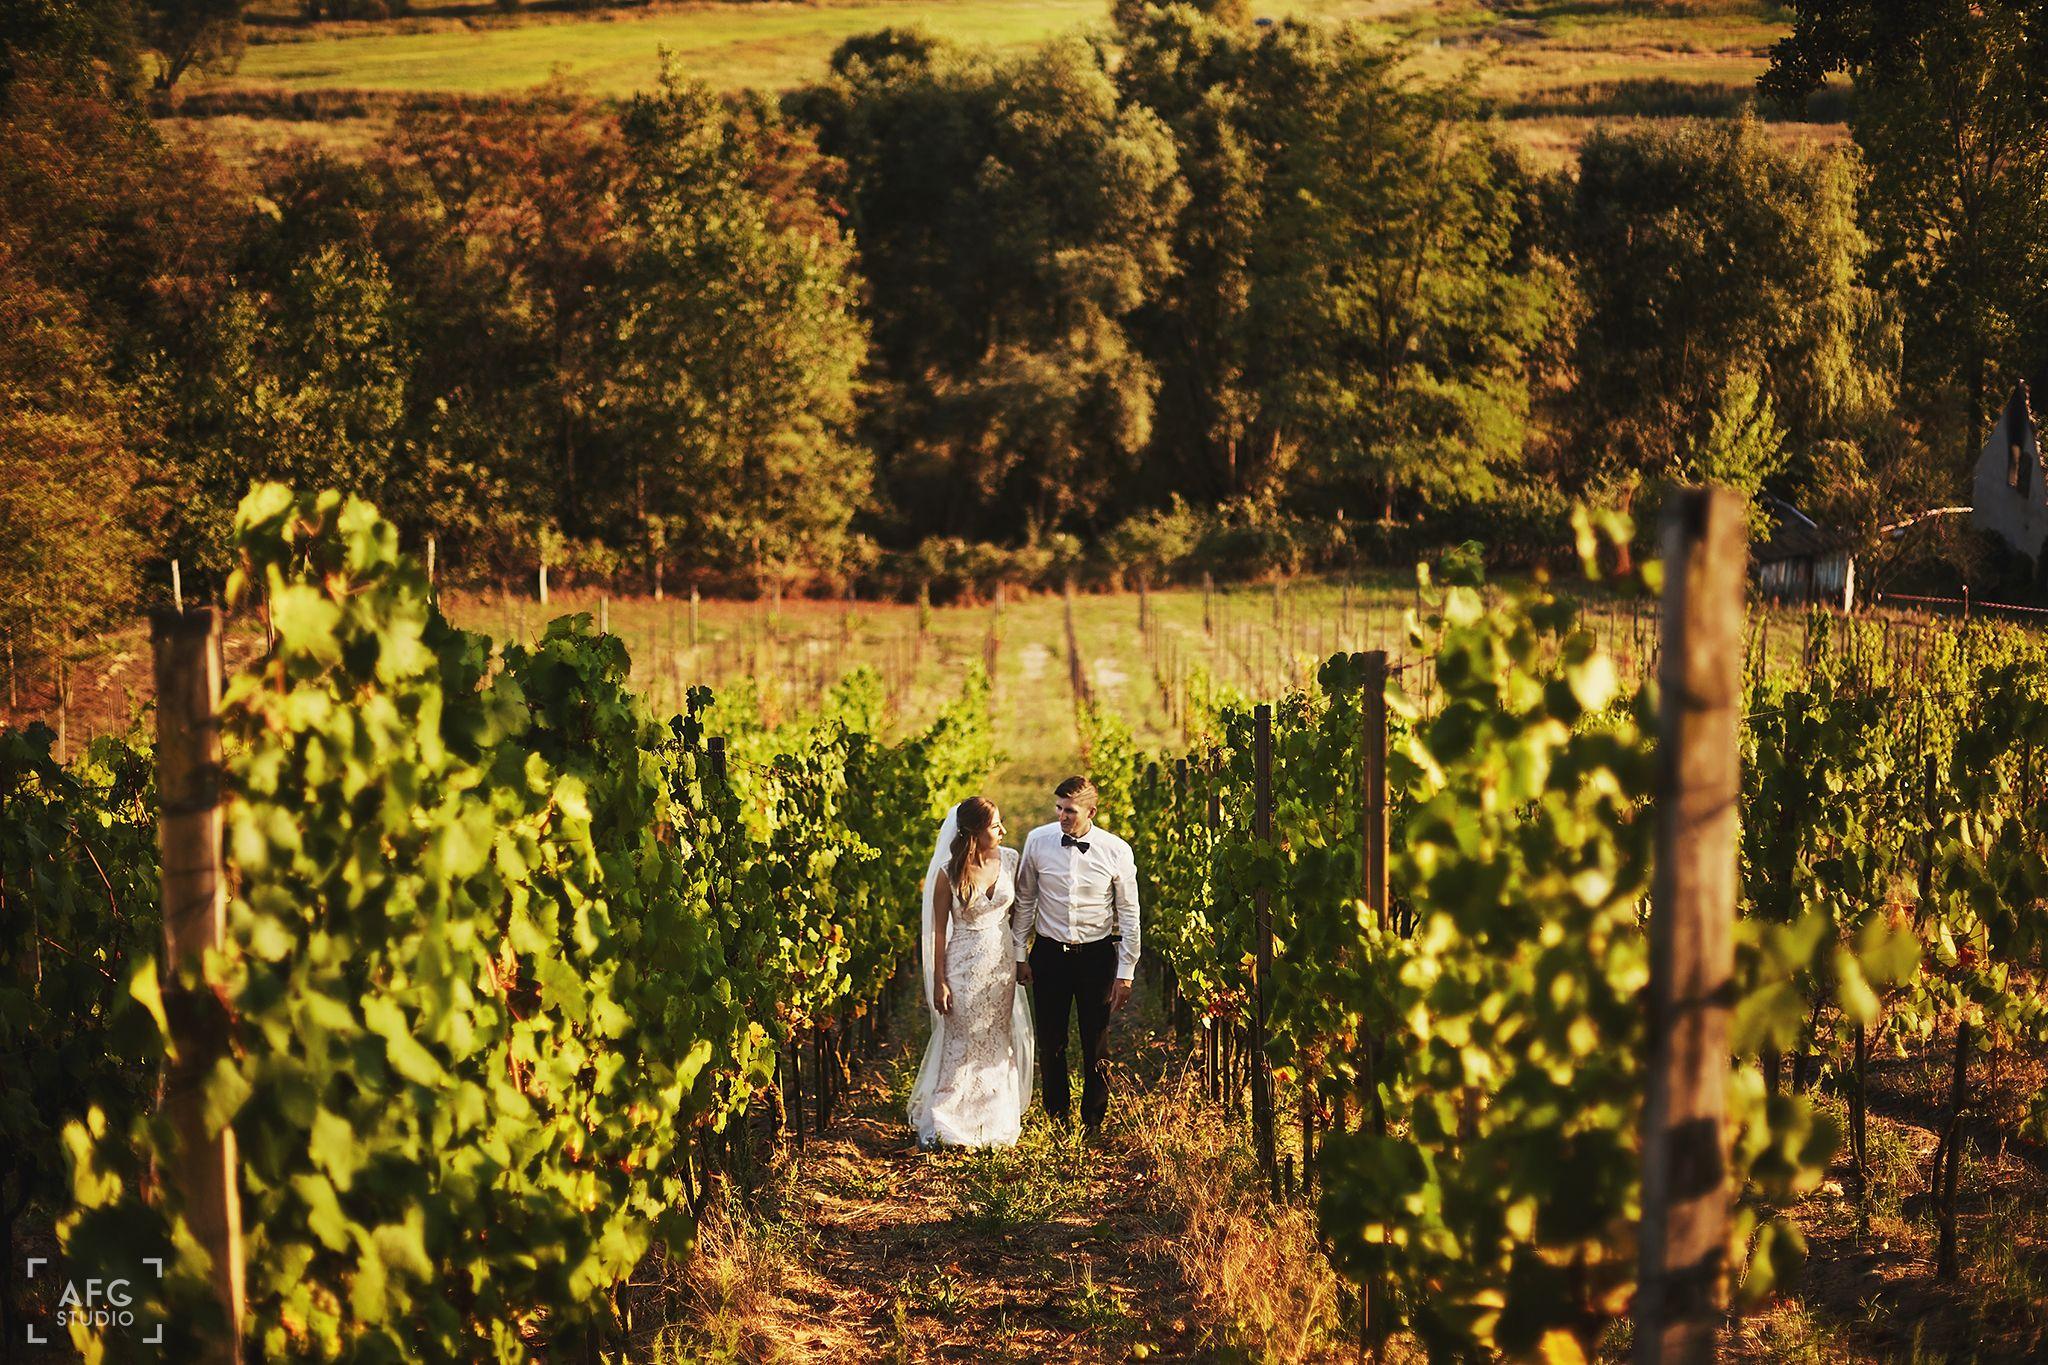 suknia ślubna, para młoda, winnica